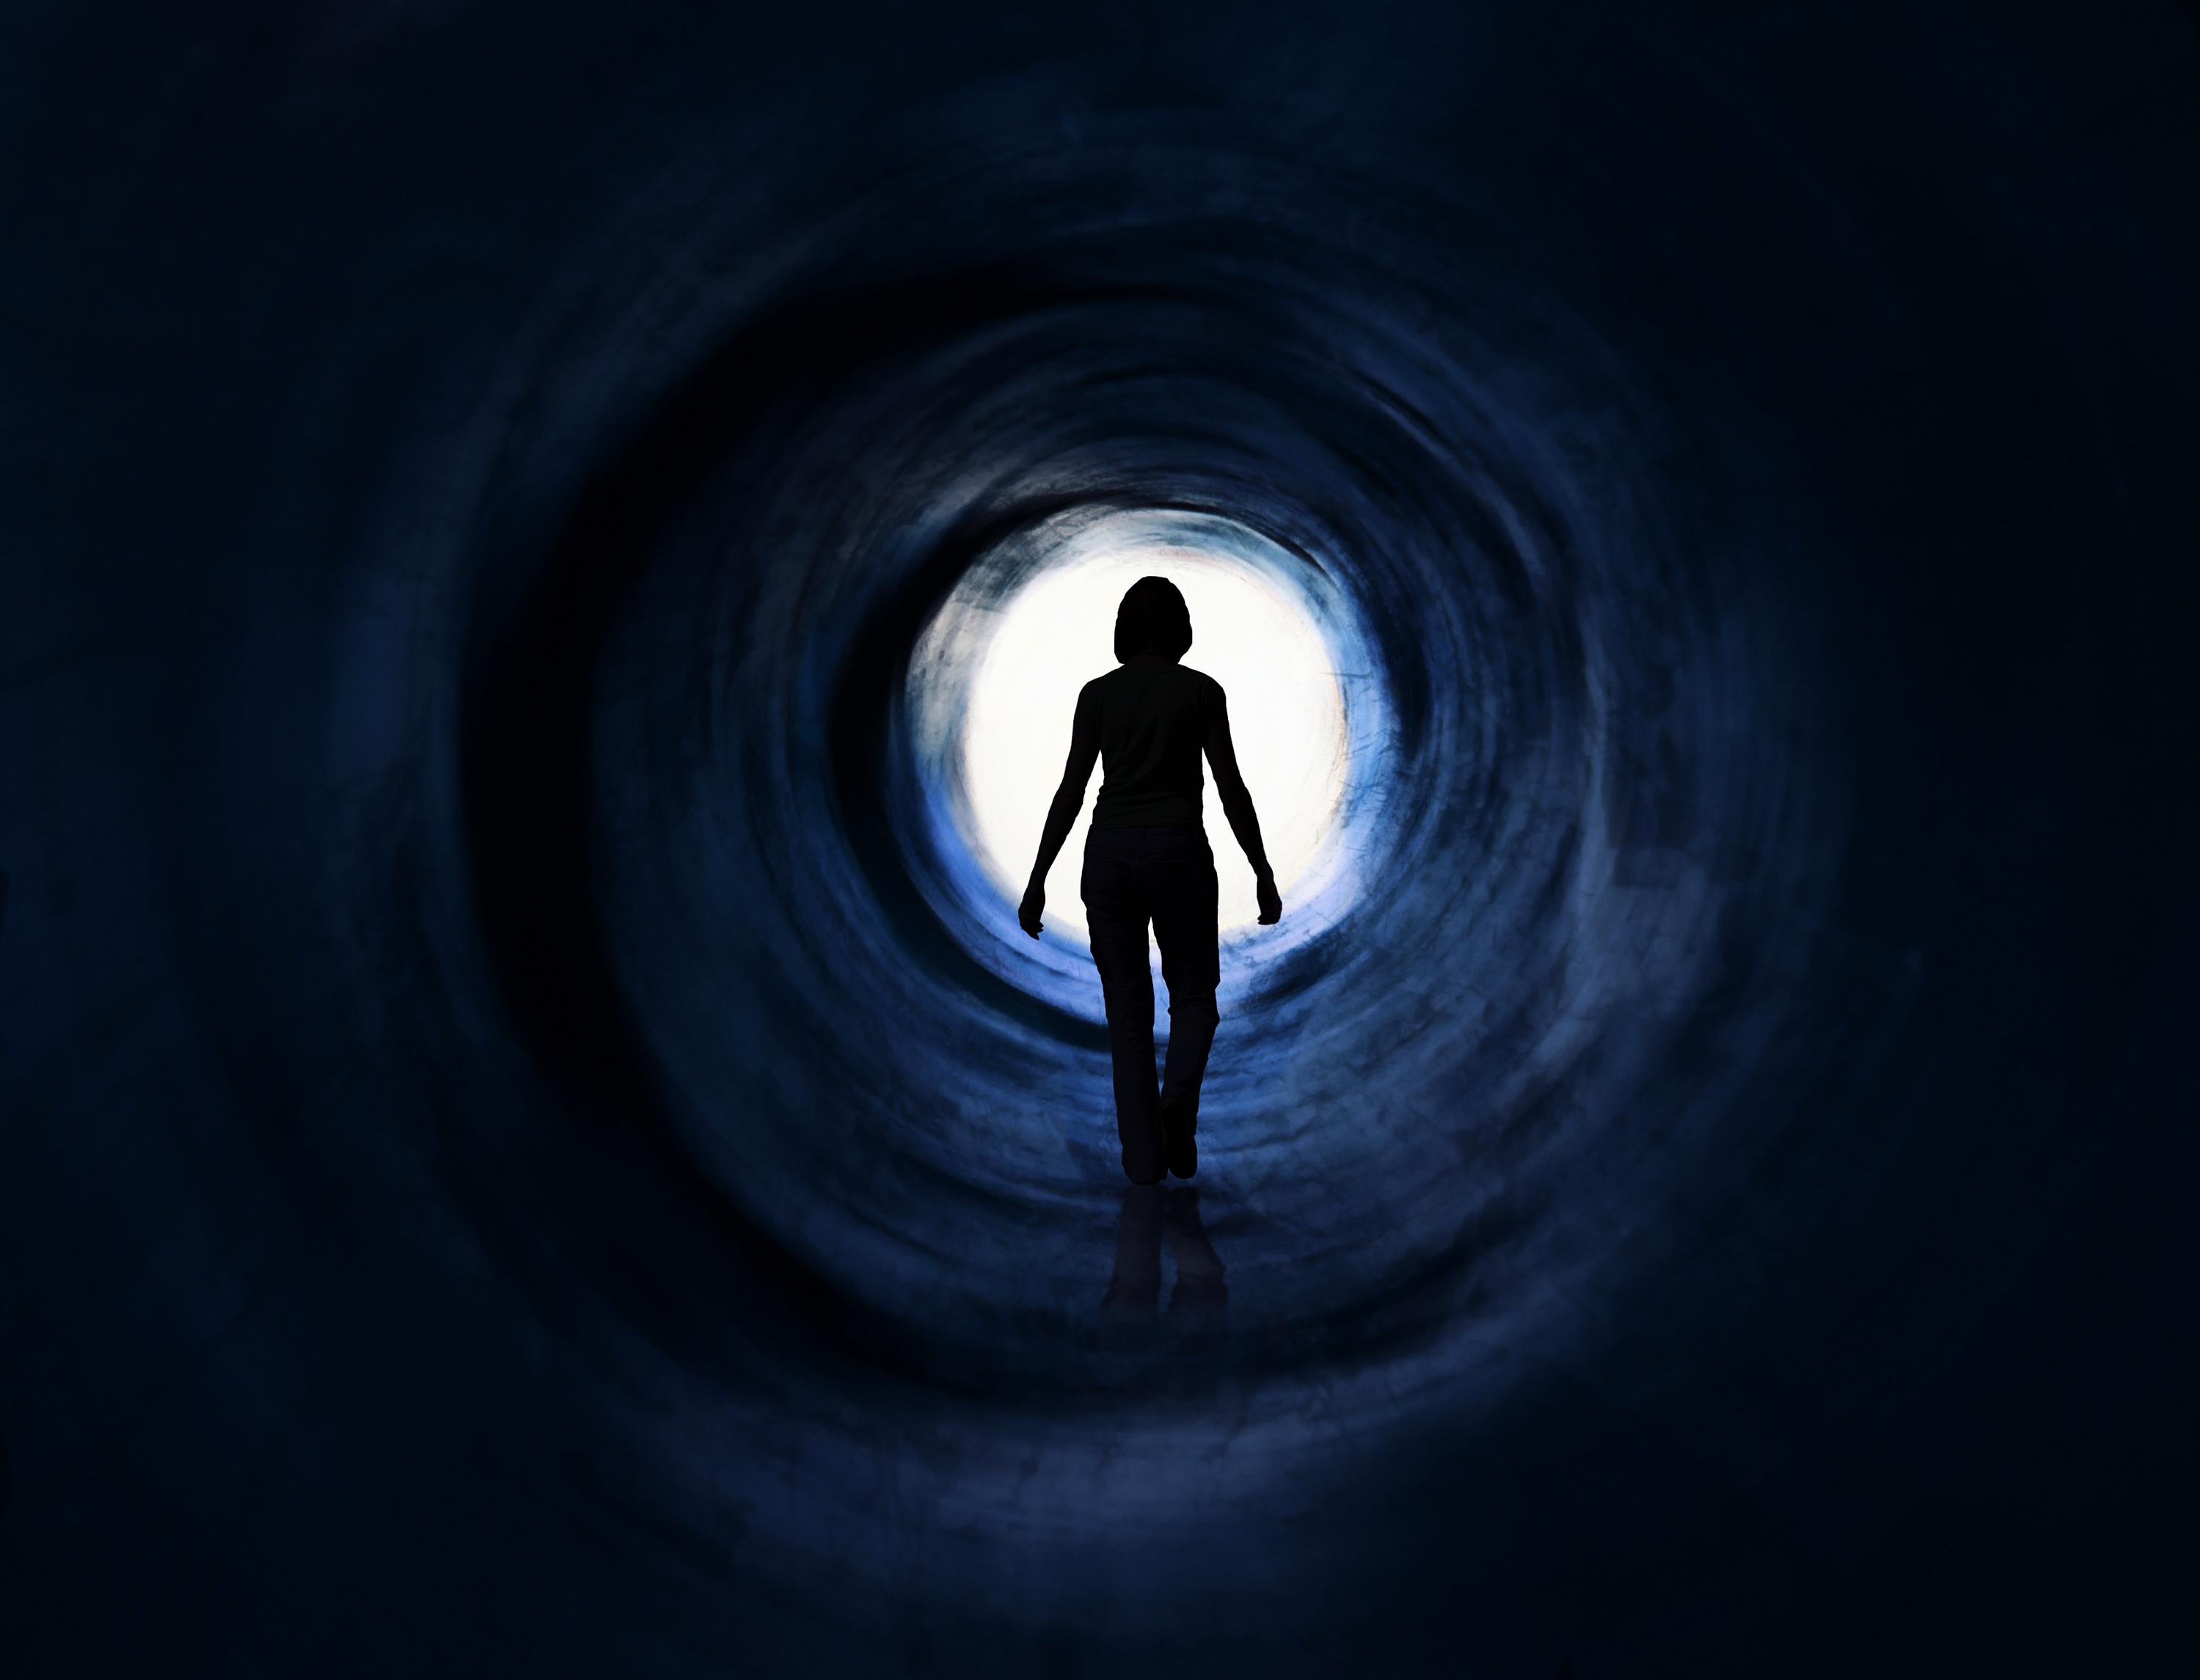 Woman is walking towards g